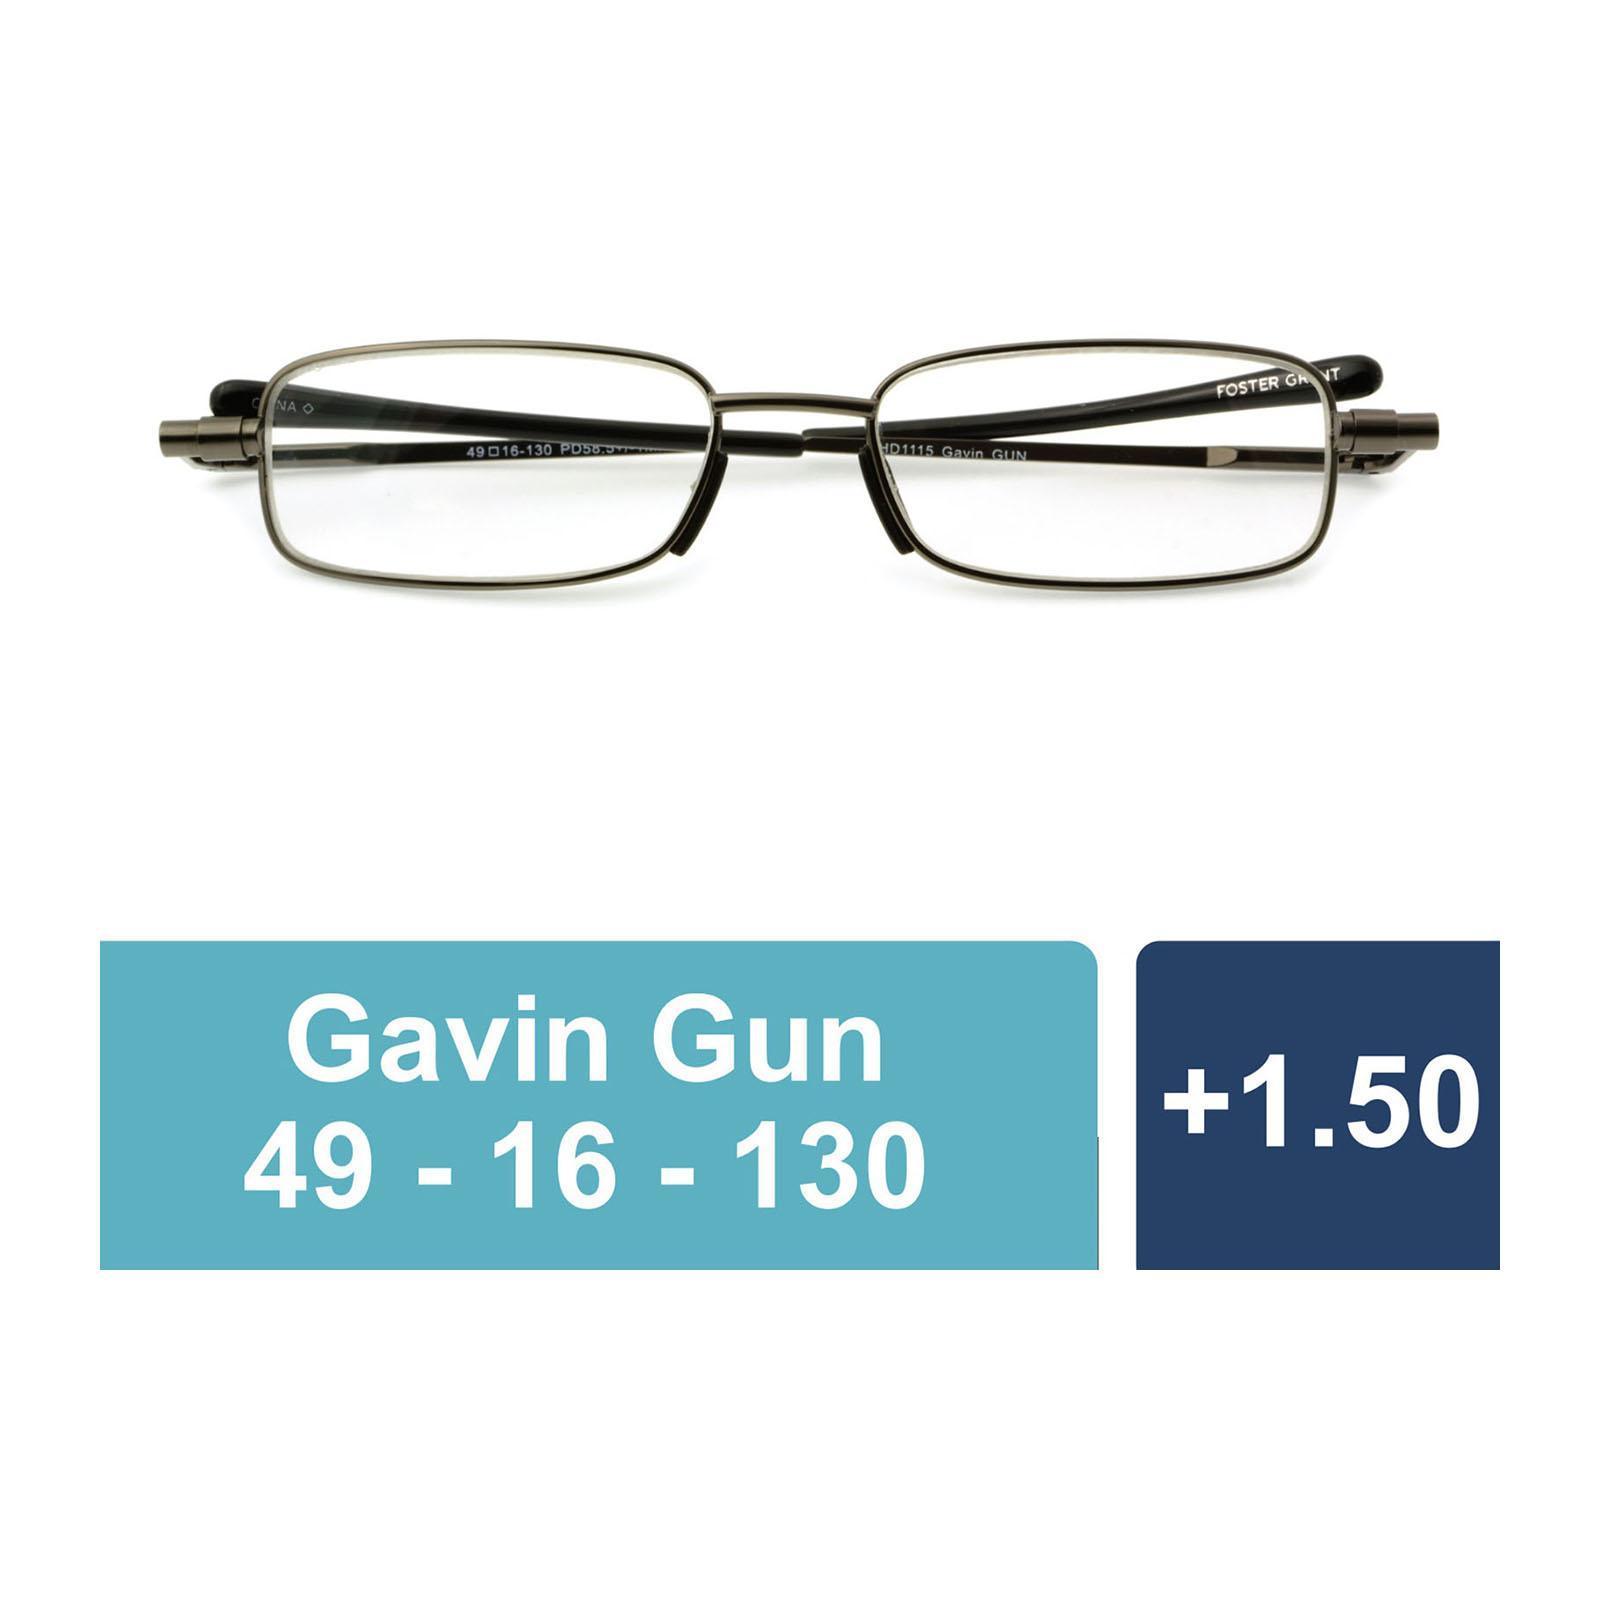 7e1bd3c2f4 Foster Grant Magnivision Bradley +1.50 Reading Glasses